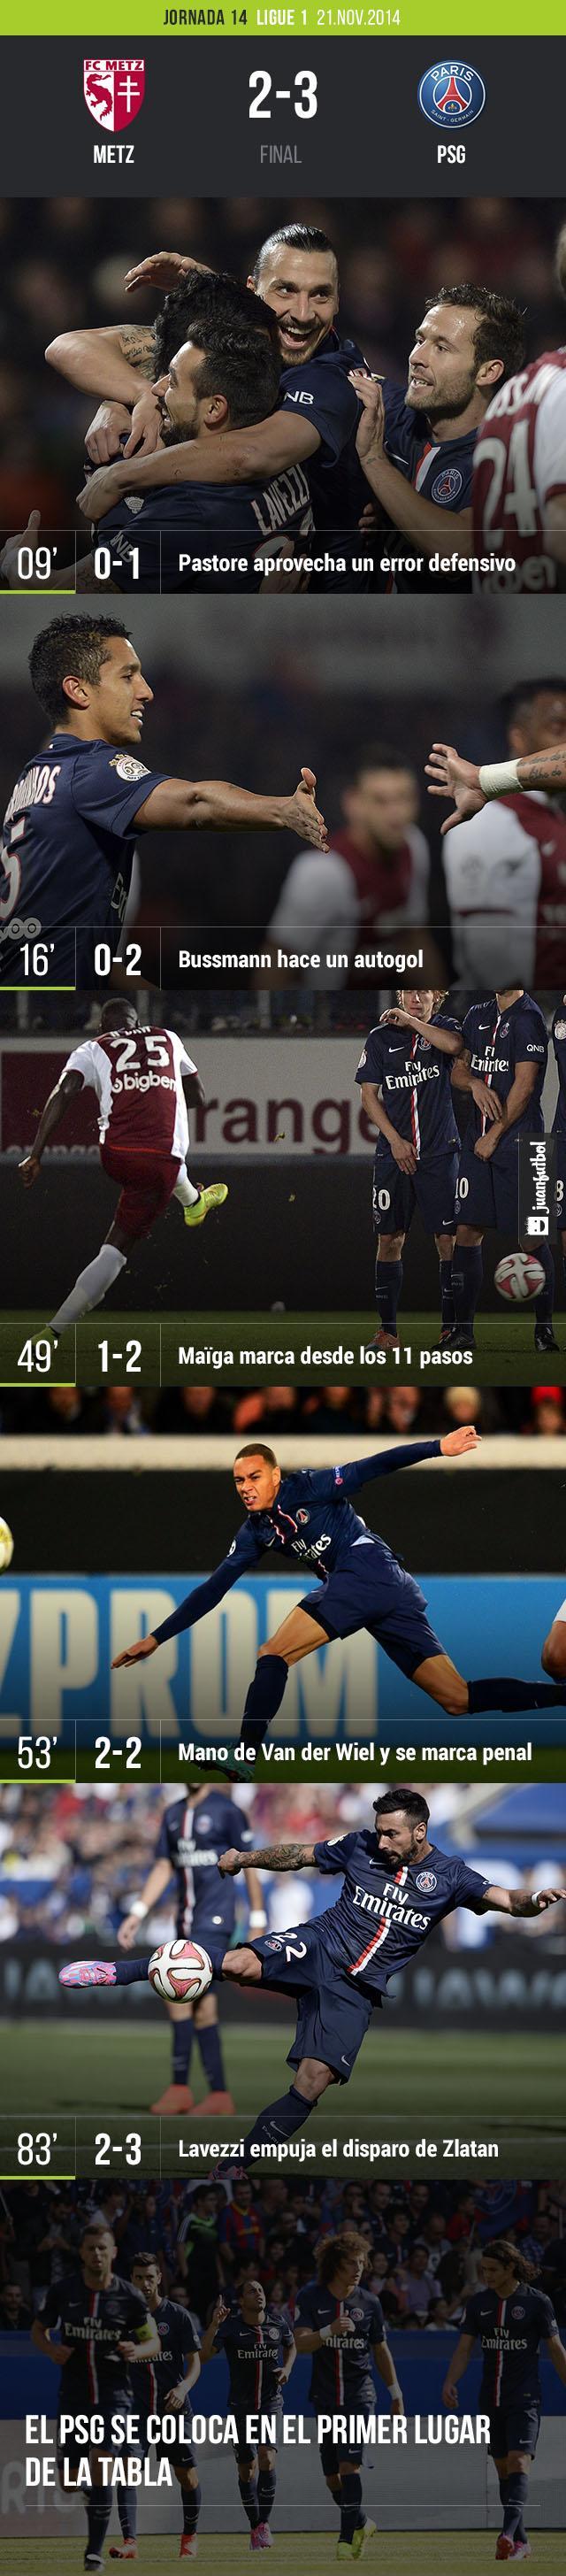 El PSg vence a domicilio 2-3 al Metz en la Ligue 1 de Francia. Momentáneamente se colocan en primer lugar e la tabla con 30 puntos en espera del Olympique